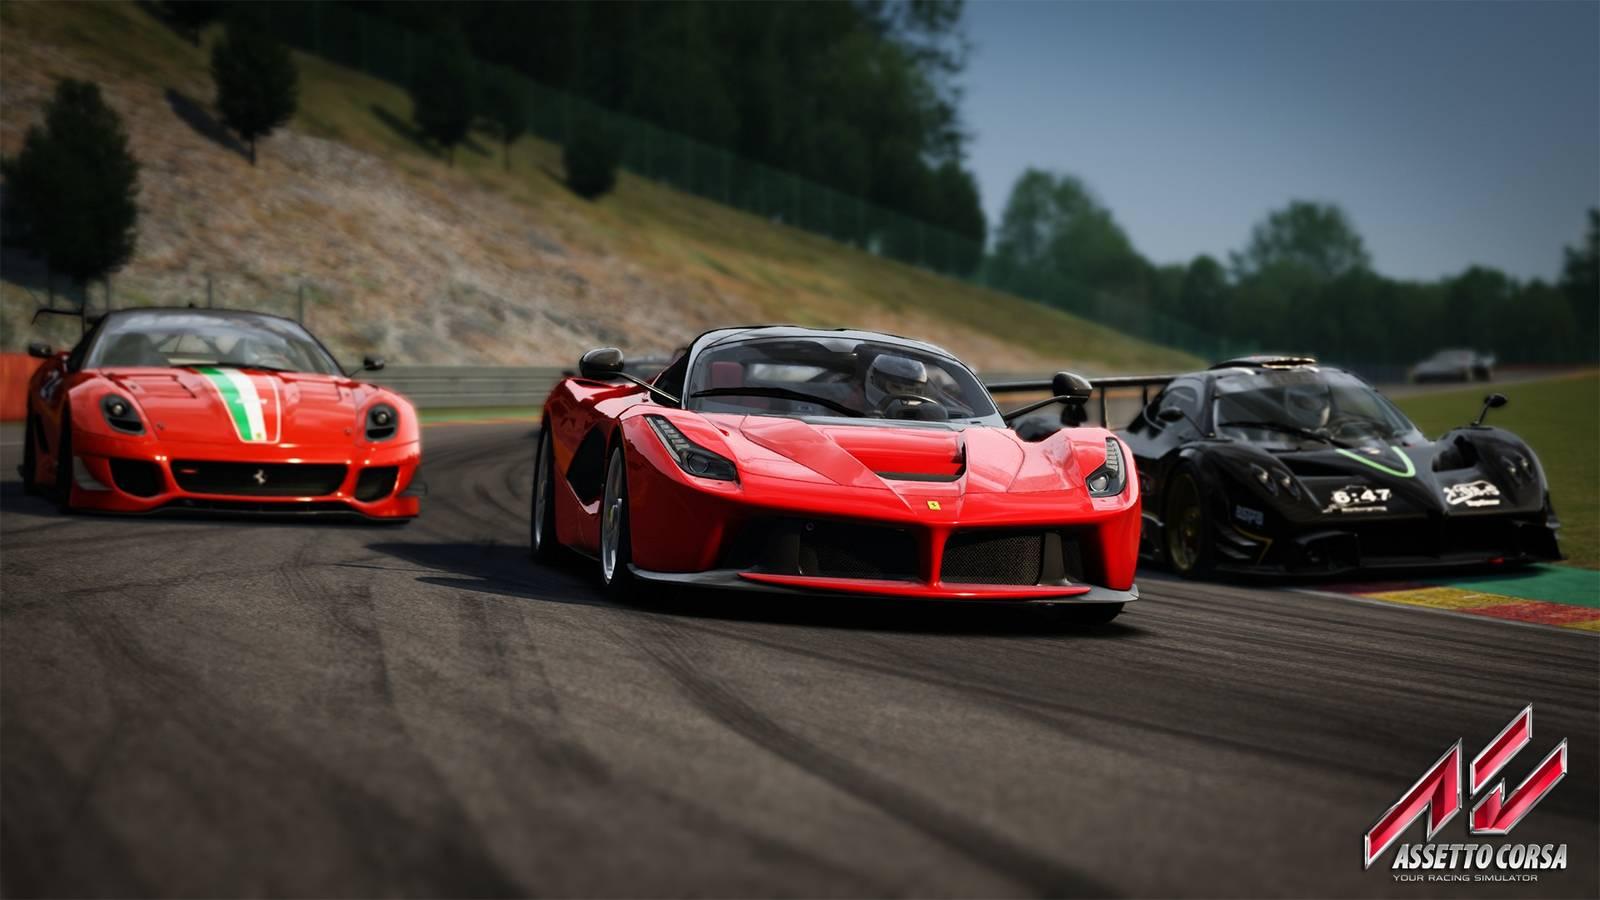 Top 7 Best Car Racing Games In 20152016  Gtspirit